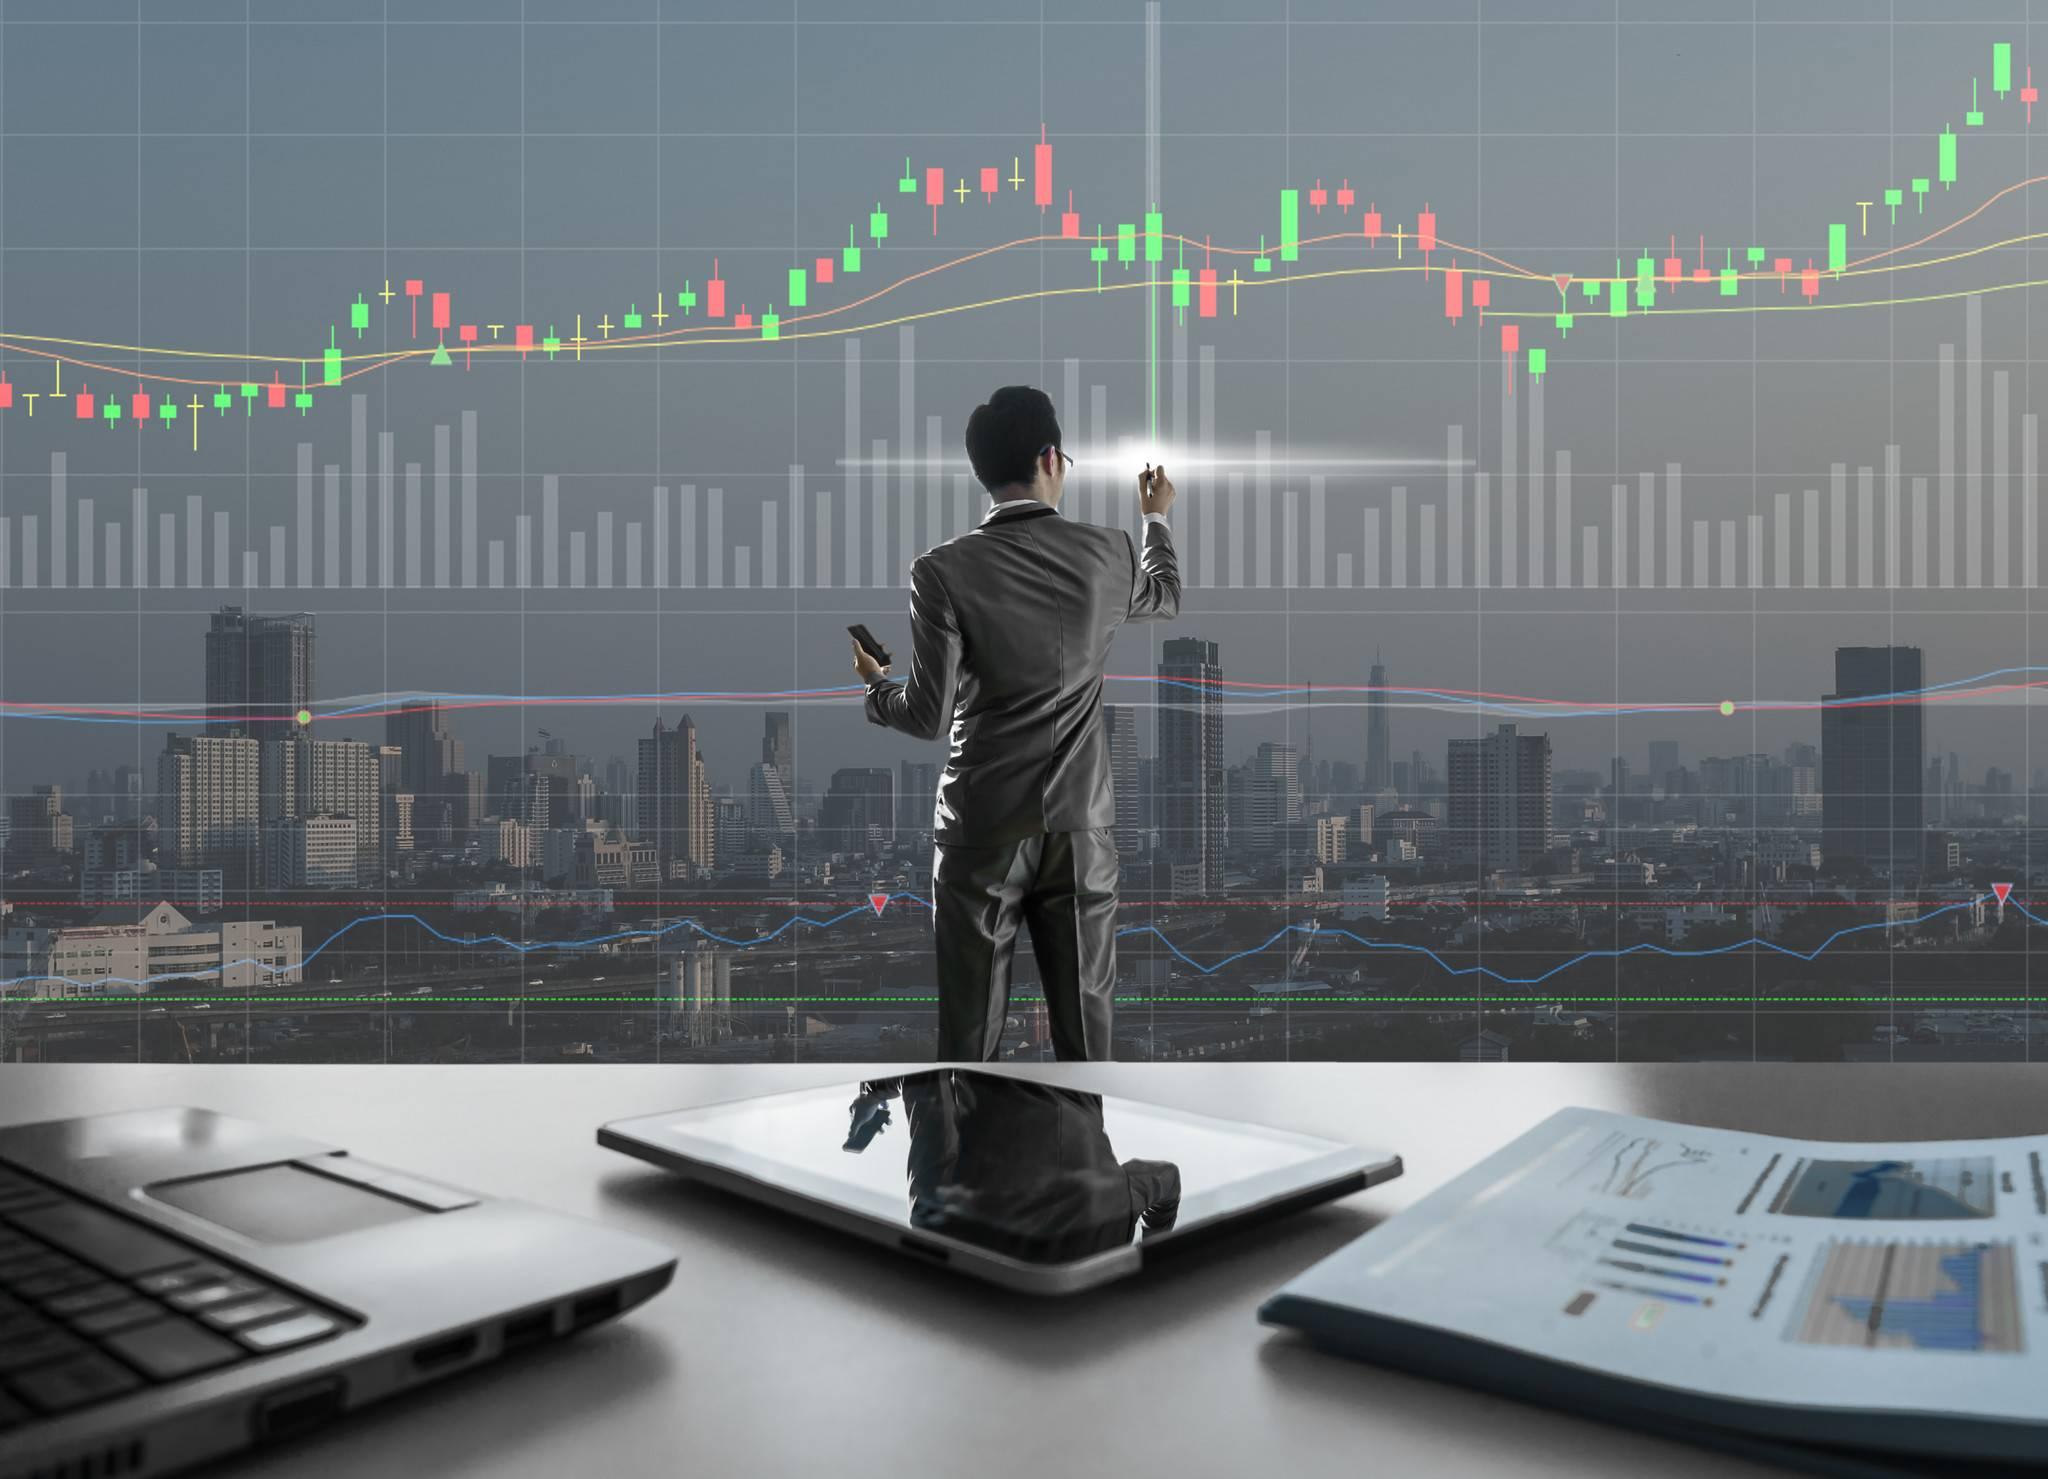 激荡二十二年,互联网证券商的成长与蜕变